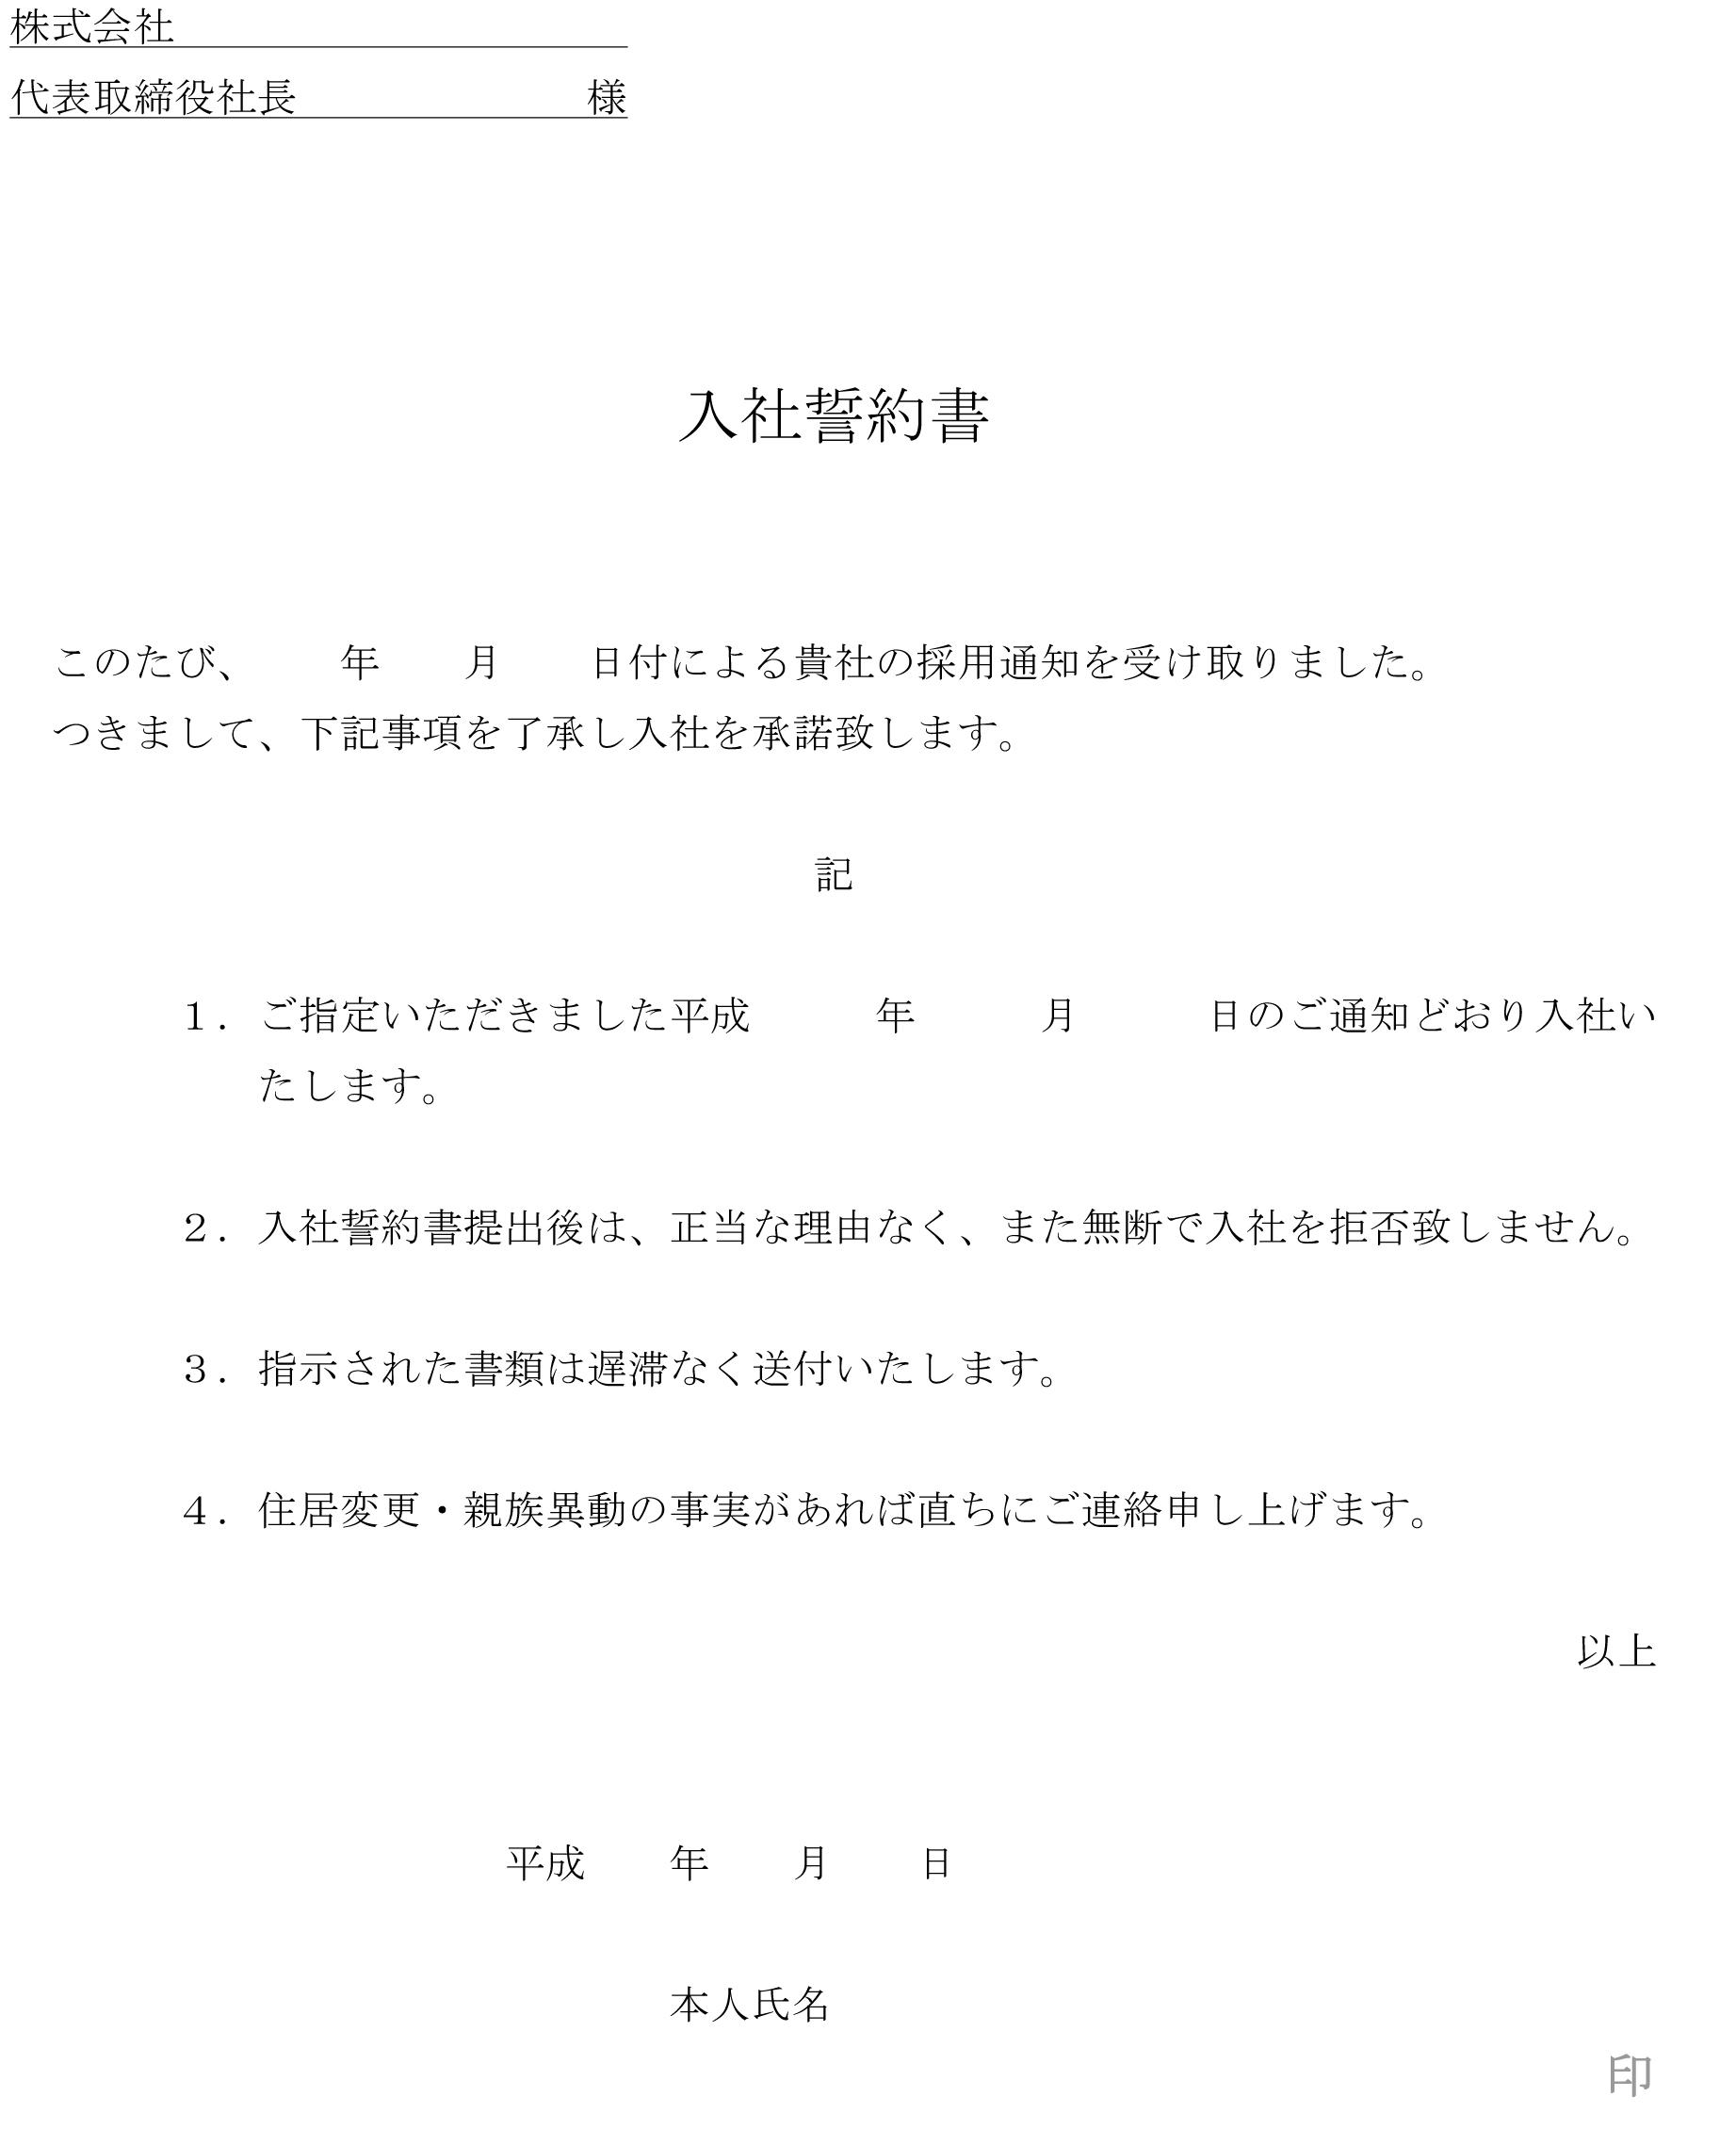 入社誓約書07